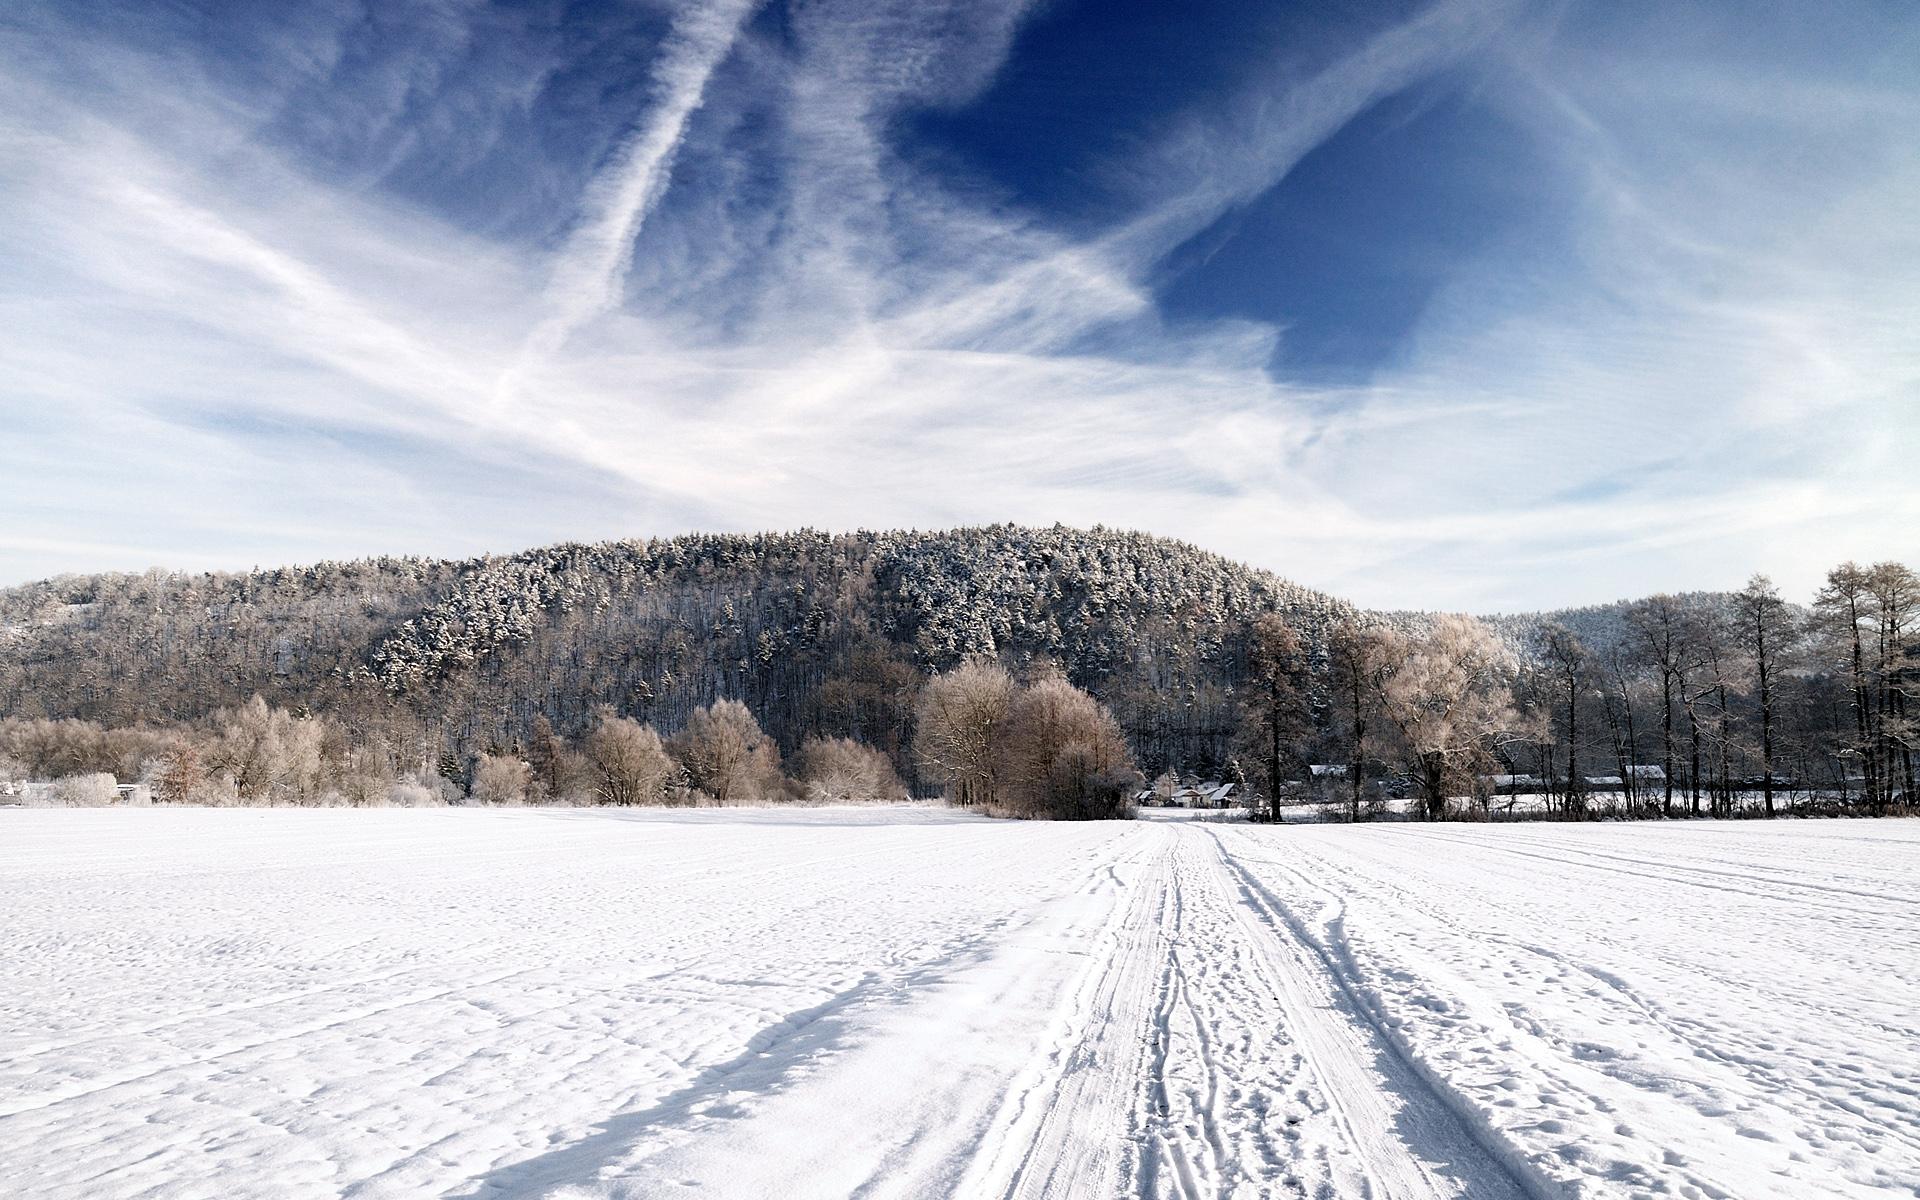 http://fc08.deviantart.net/fs70/f/2010/045/5/6/Winter_Landscape_by_hquer.jpg